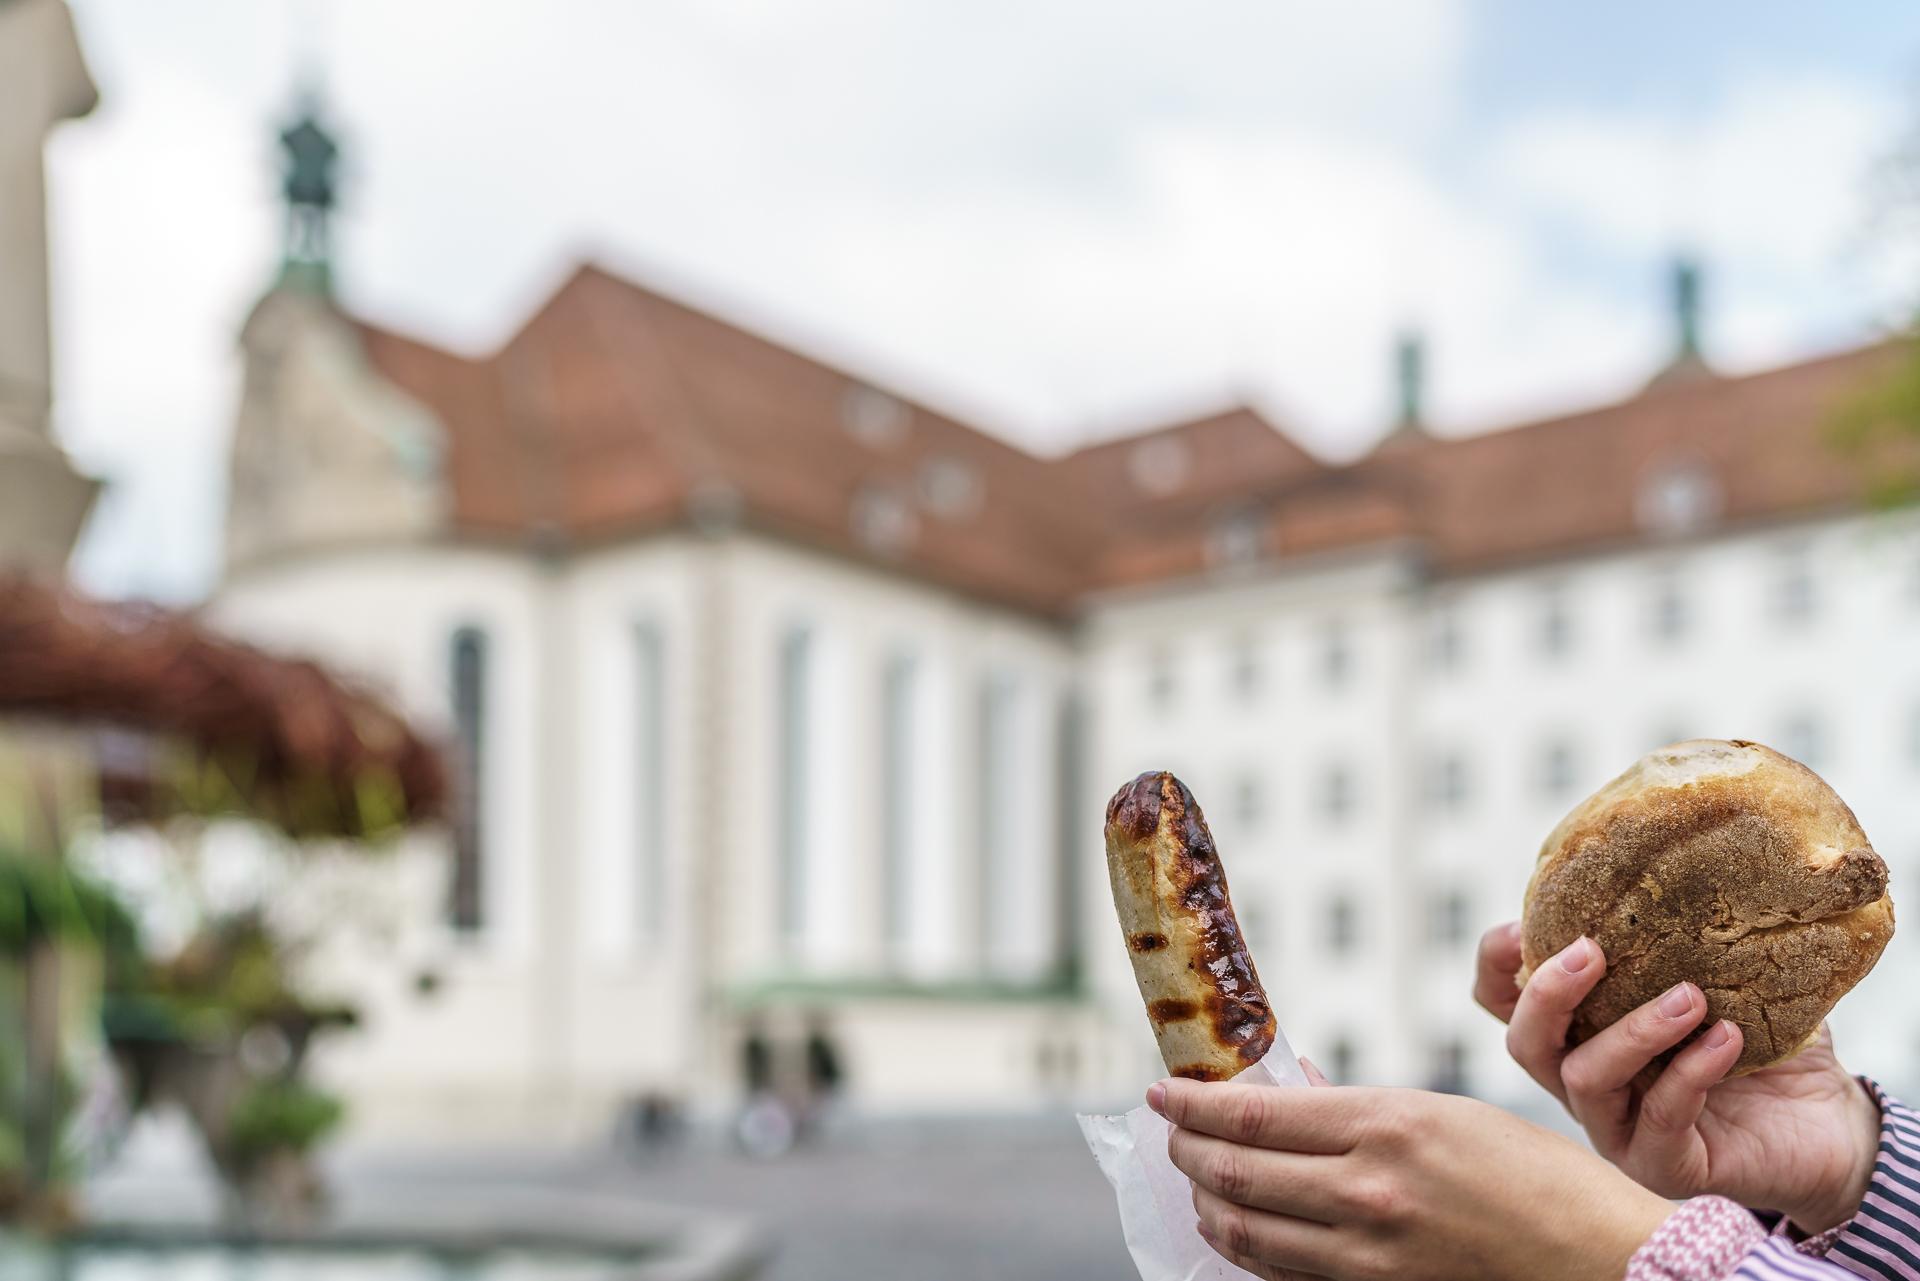 St-Galler-Bratwurst